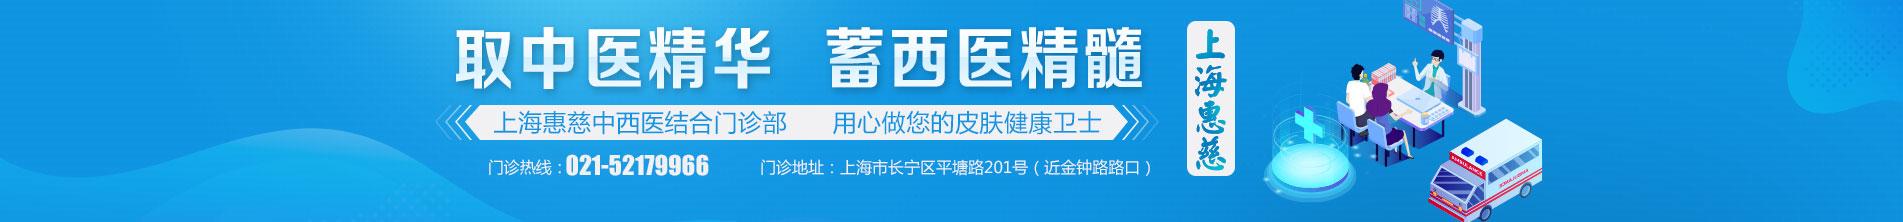 上海惠慈医院皮肤科